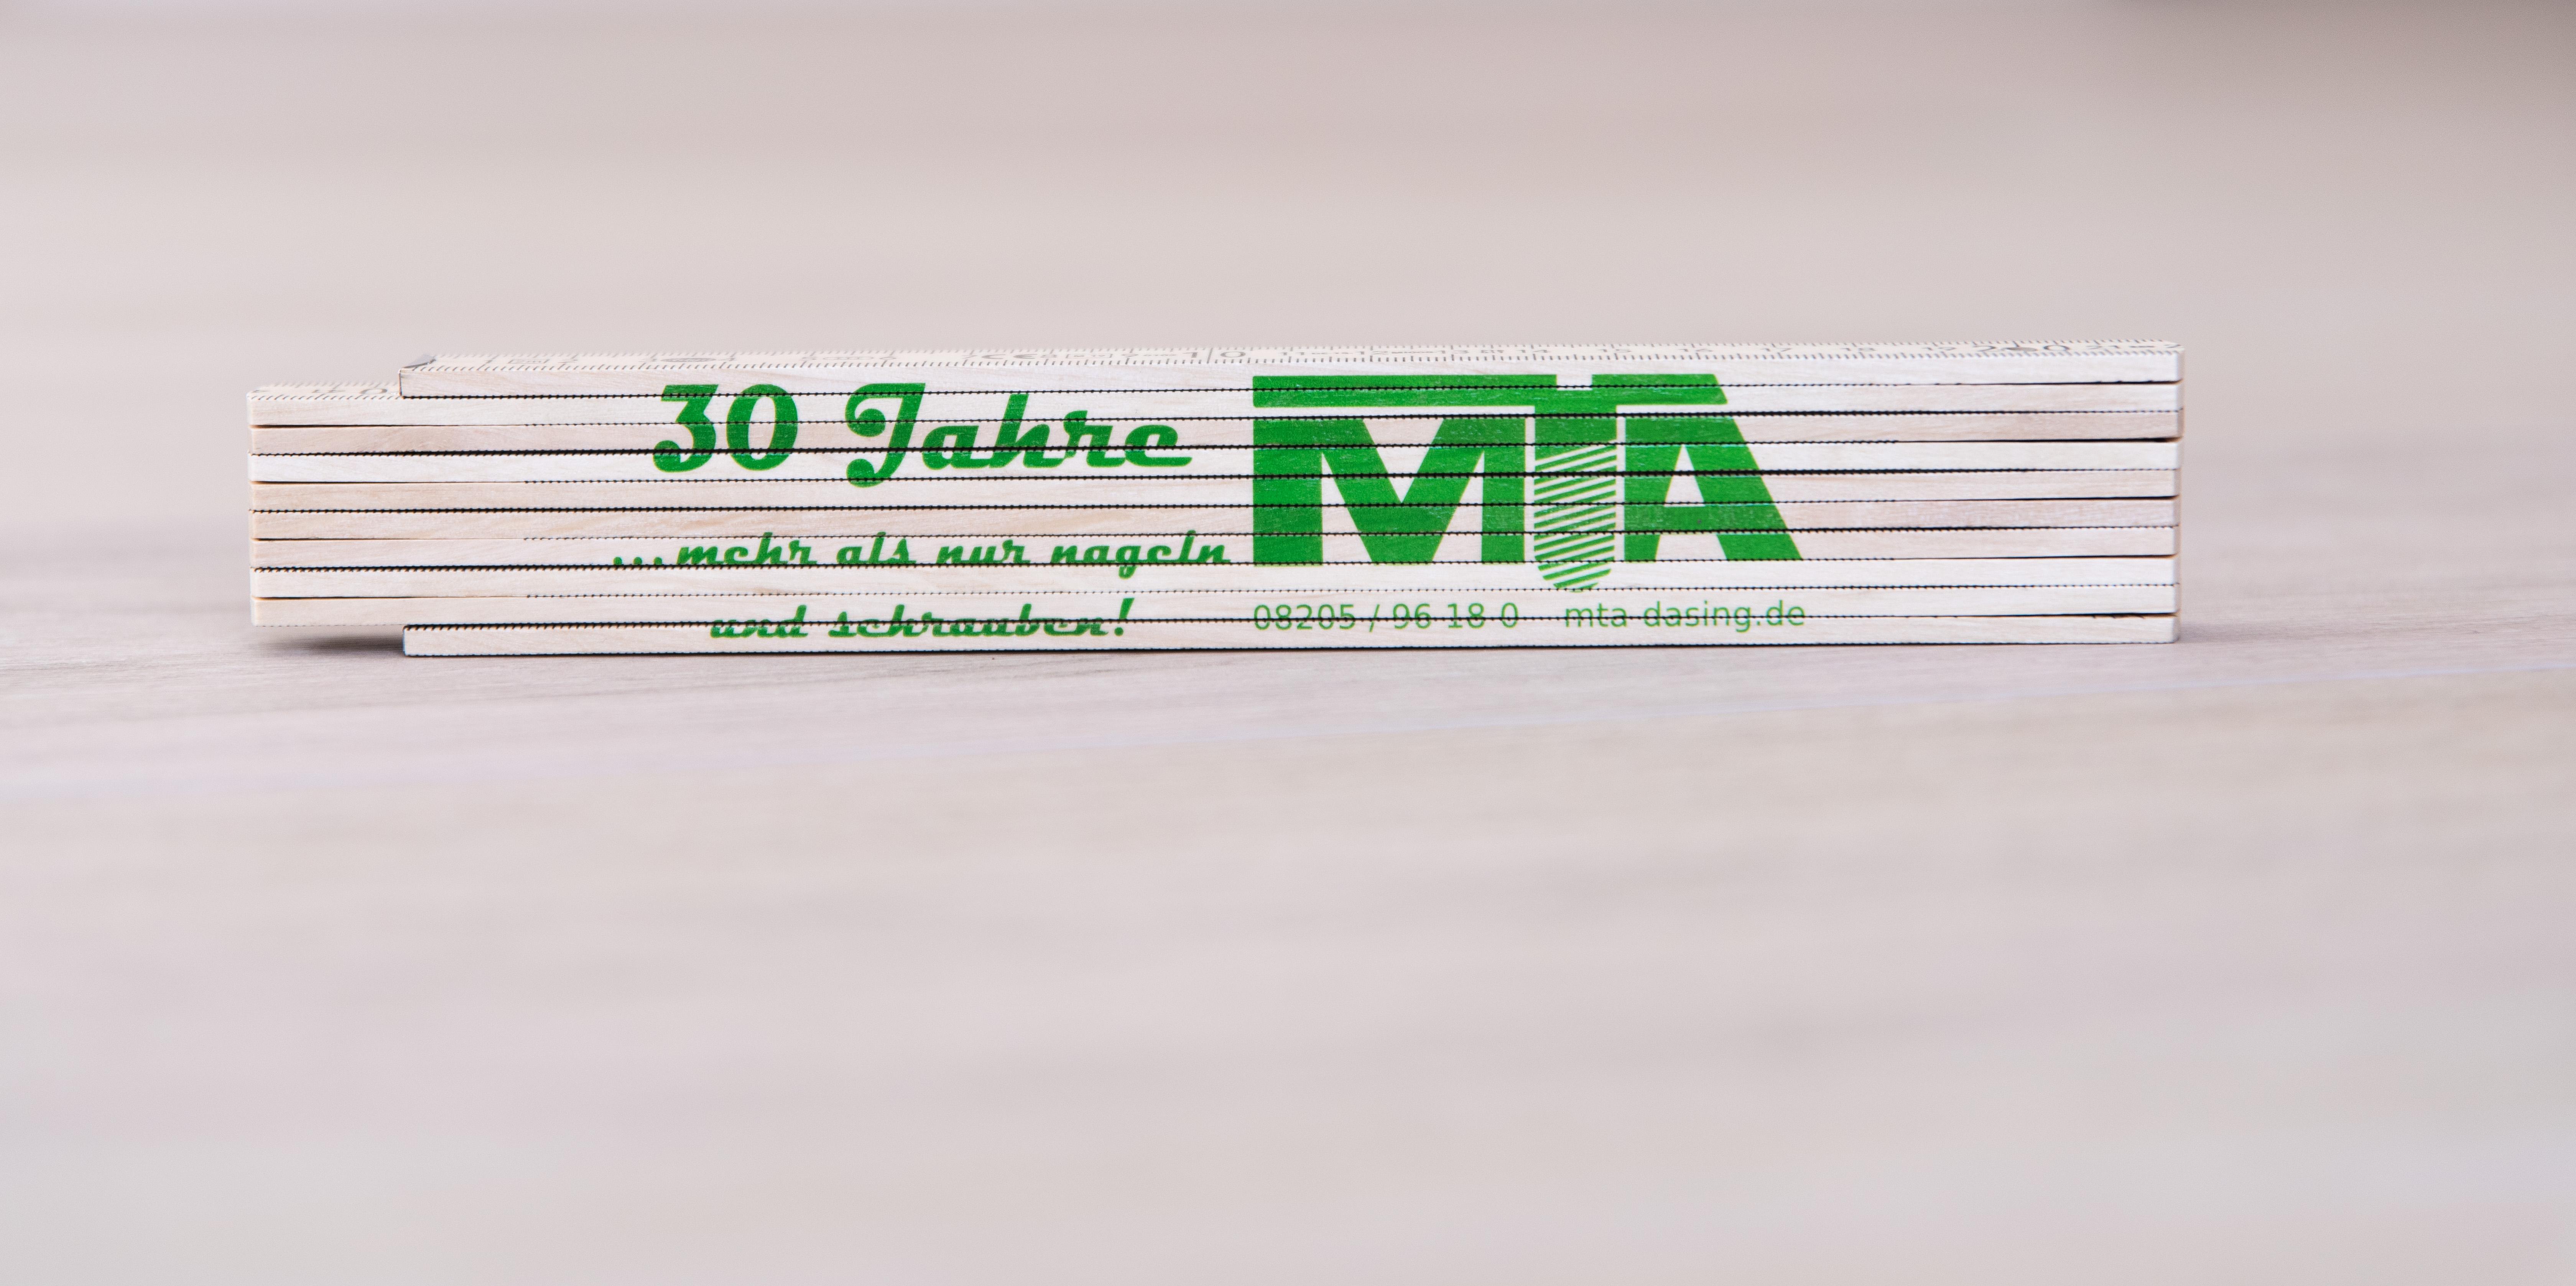 30 Jahre MTA Dasing